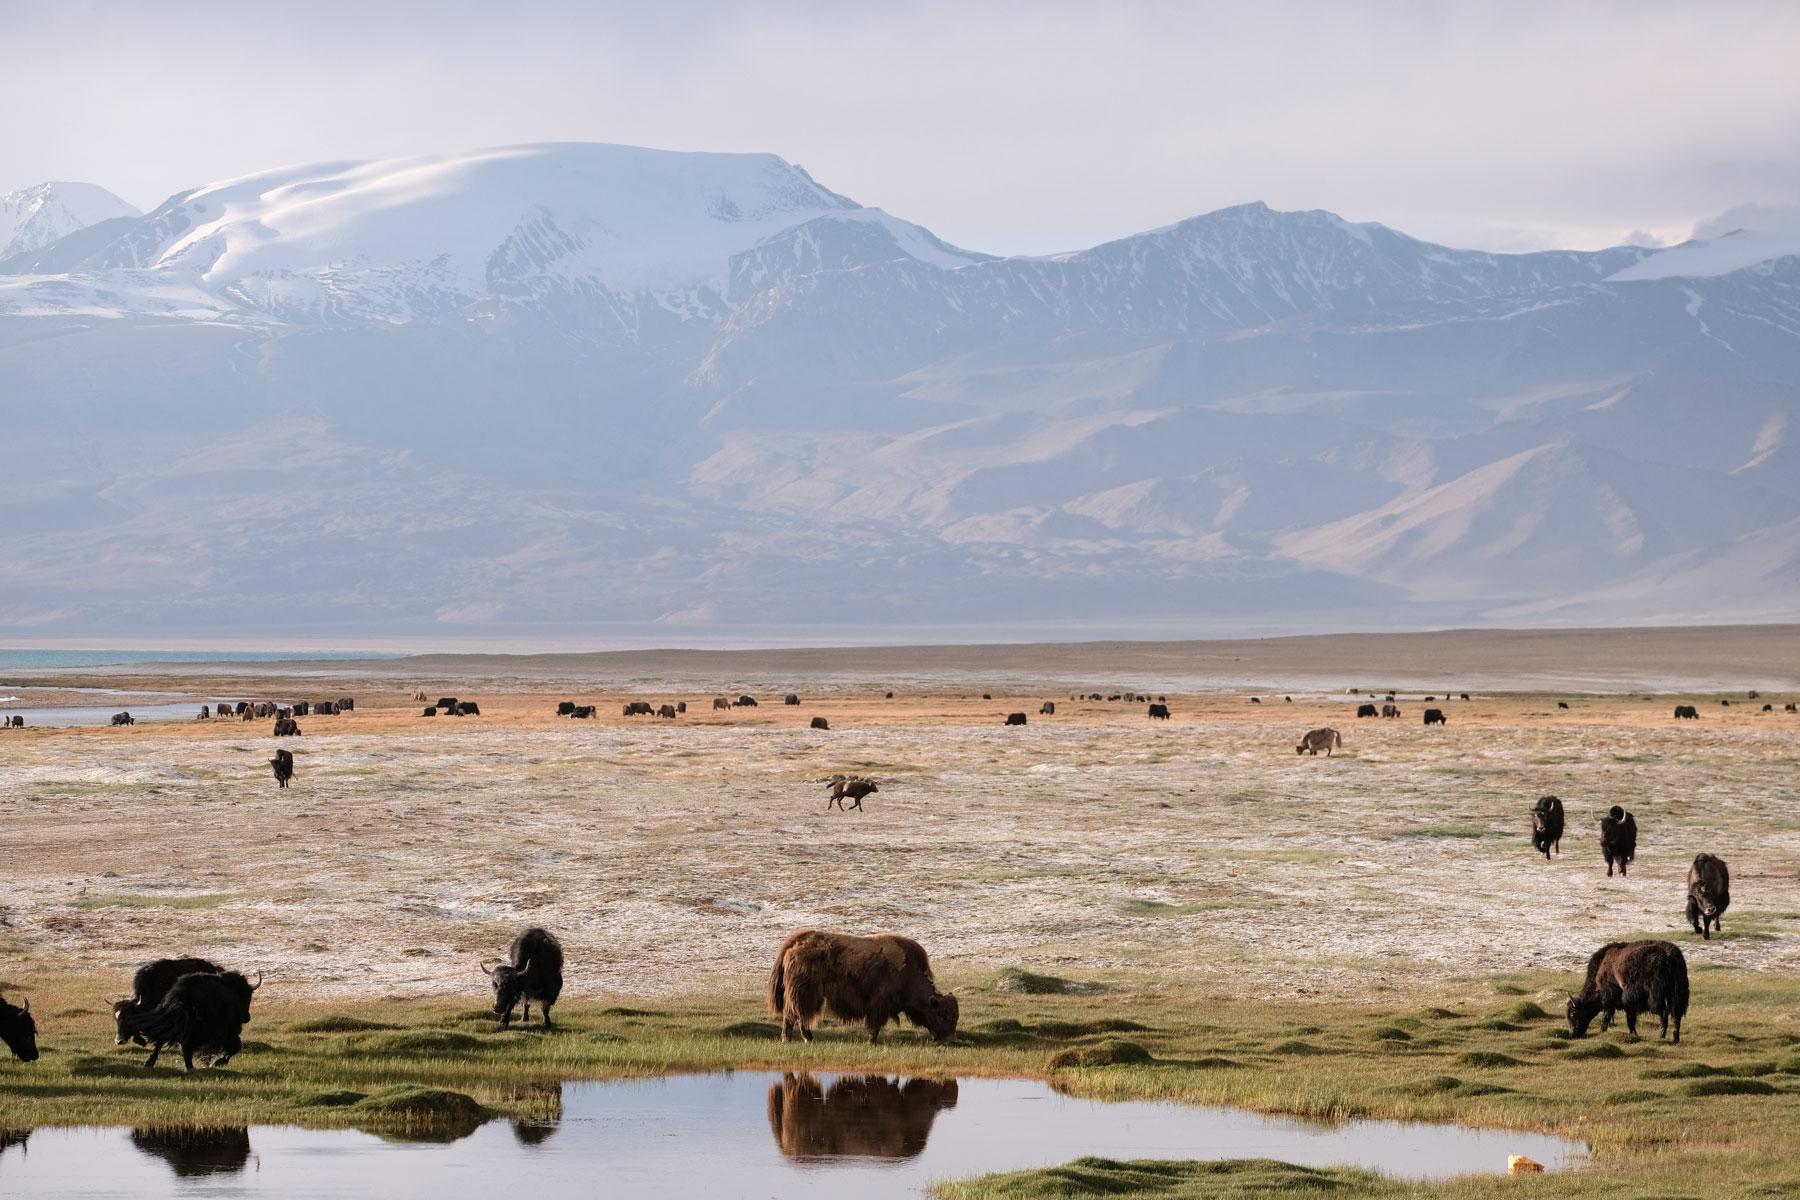 Eine grasende Yakherde im Pamirgebirge.